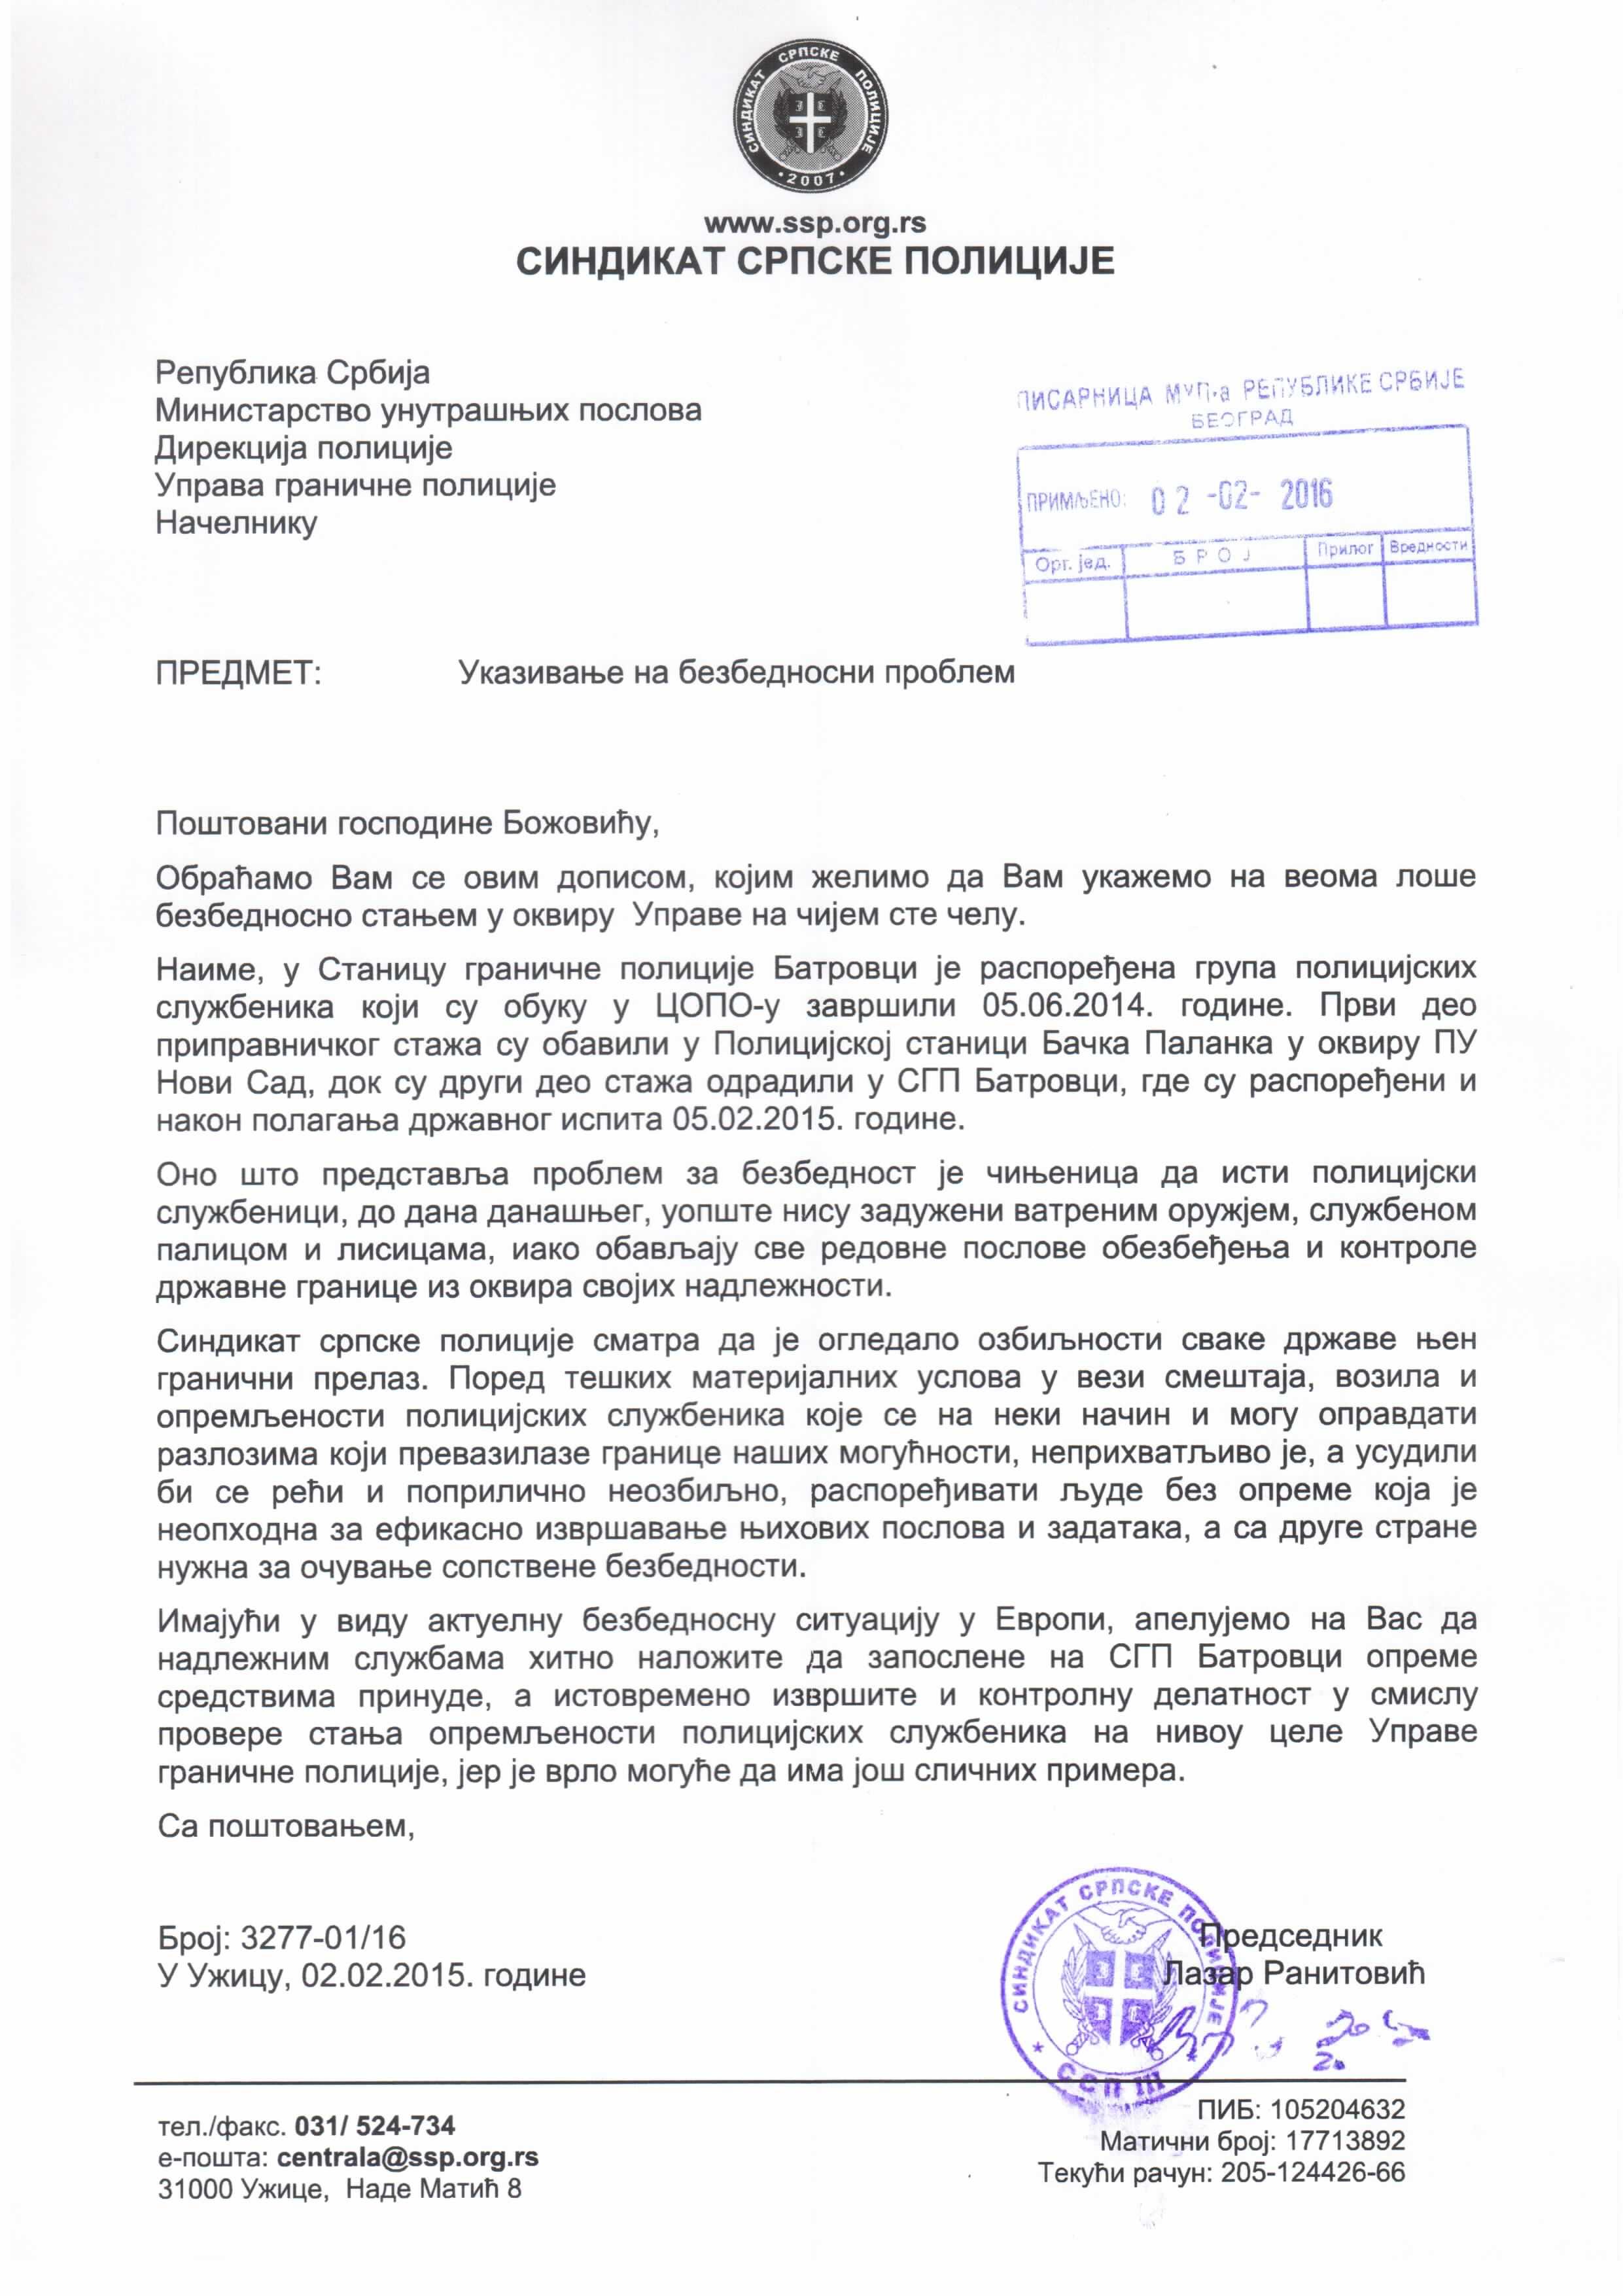 bozovicu 02022016